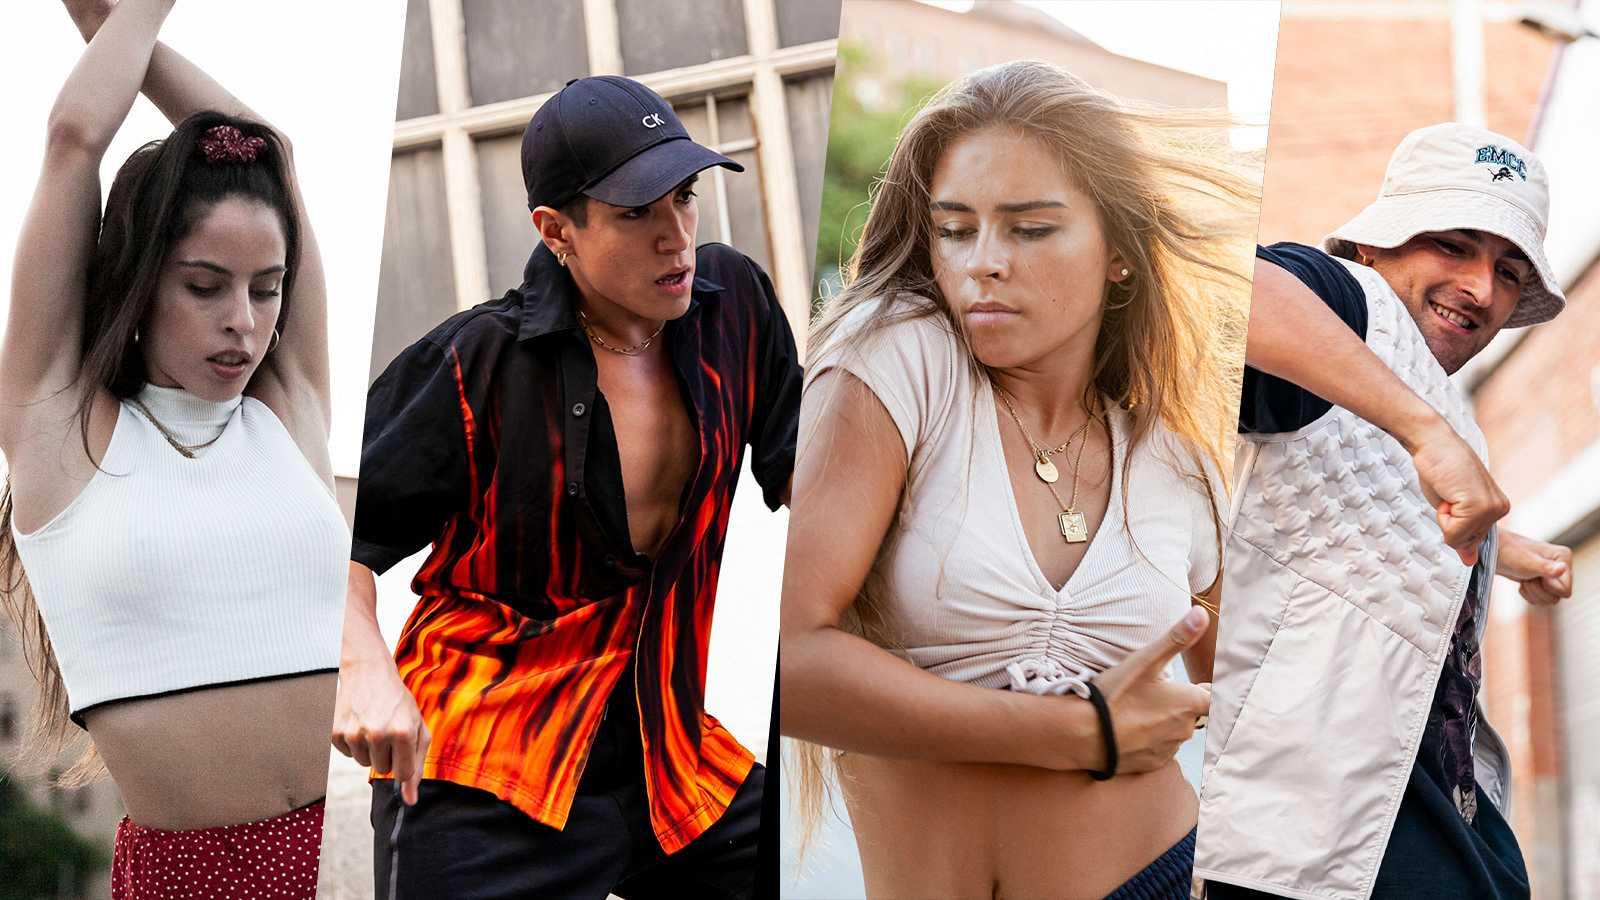 Natalia Palomares, Exon Arcos, Daniela Blasco y Sebastian Linares son los protagonistas del primer programa de Danz, Jazz Funk